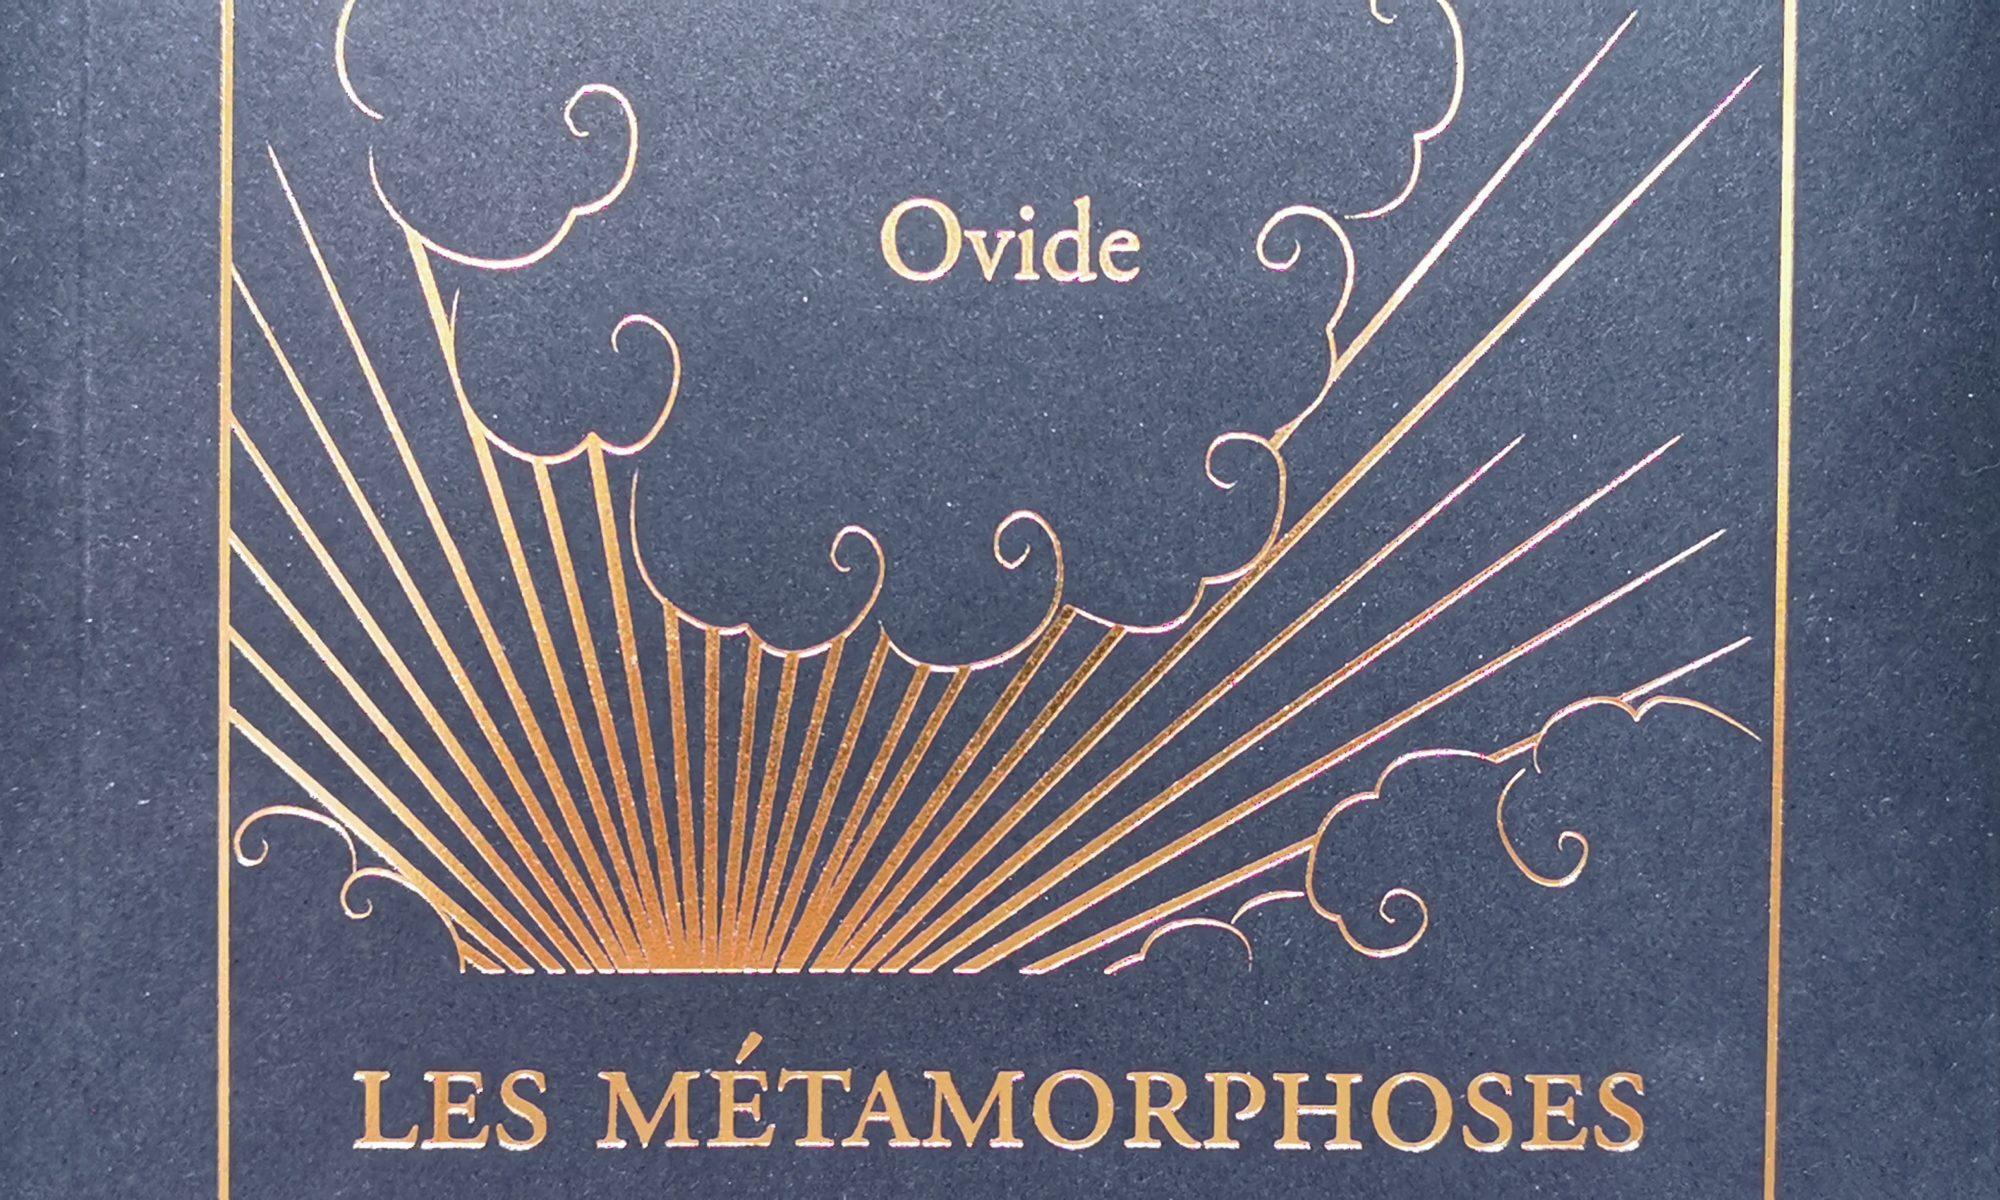 Anne Brissier lit les Métamorphoses d'Ovide